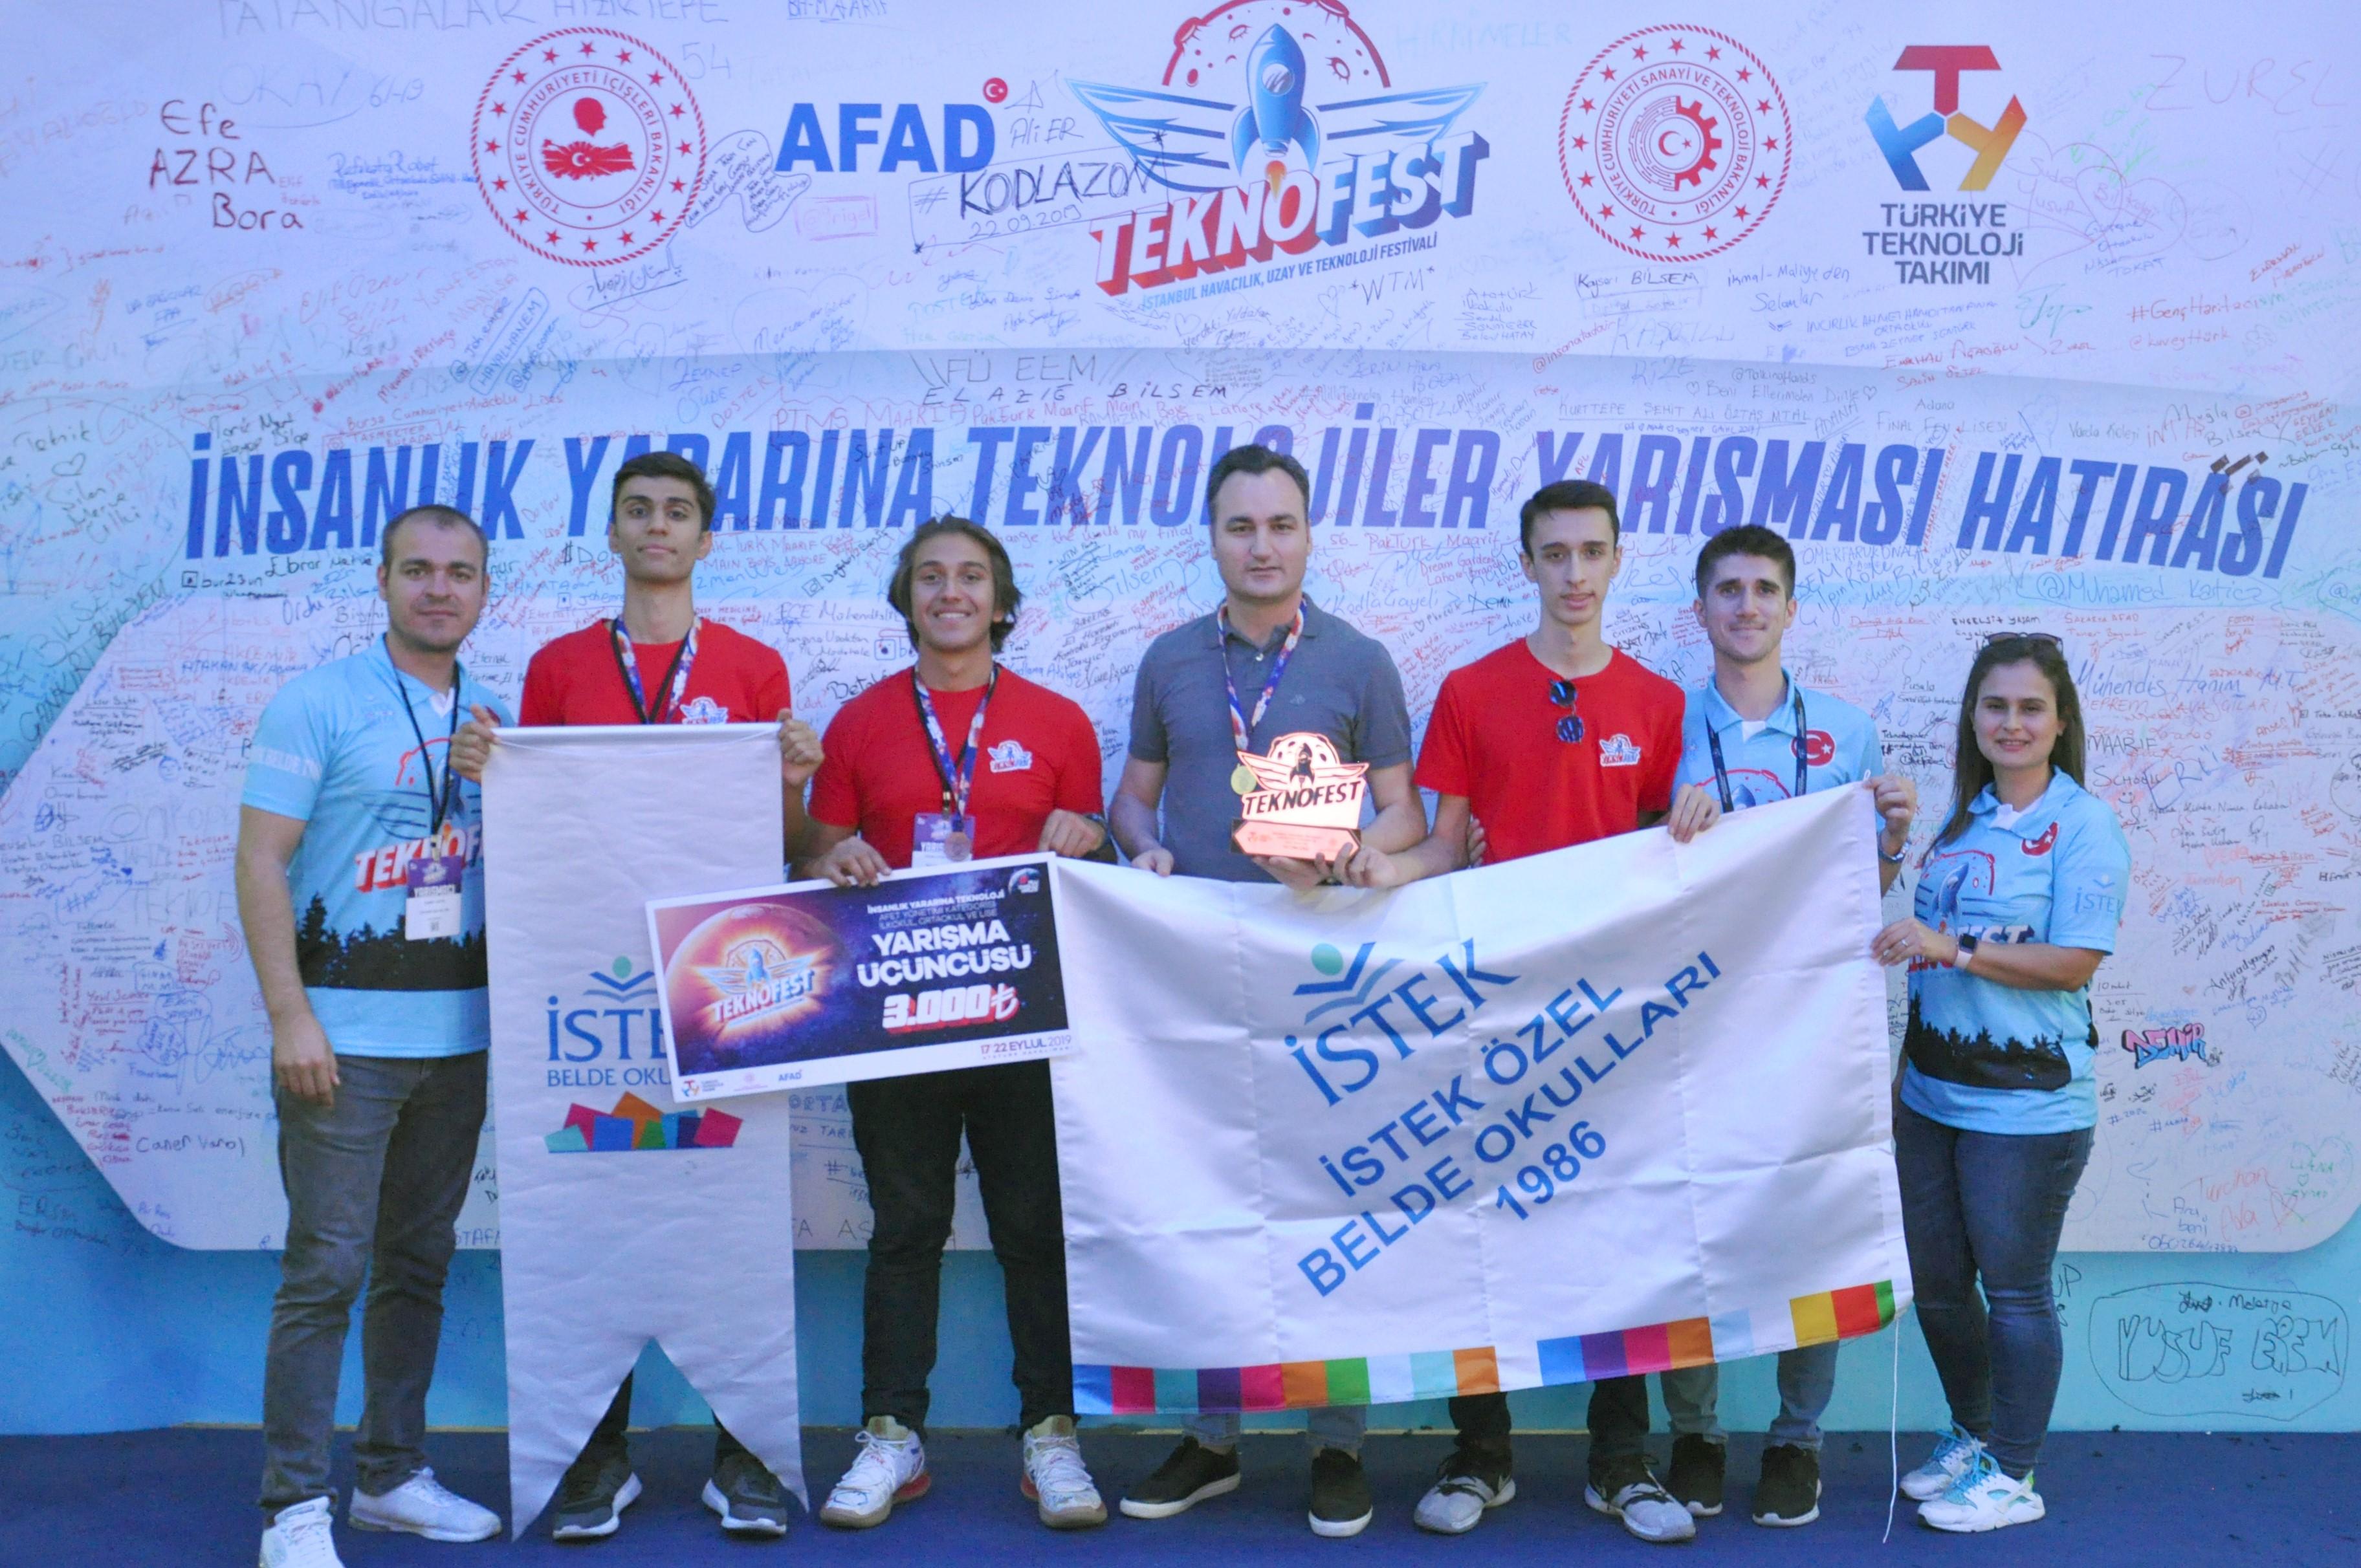 Lise talebelerinin projesi TEKNOFEST'TE Türkiye 3'üncüsü oldu